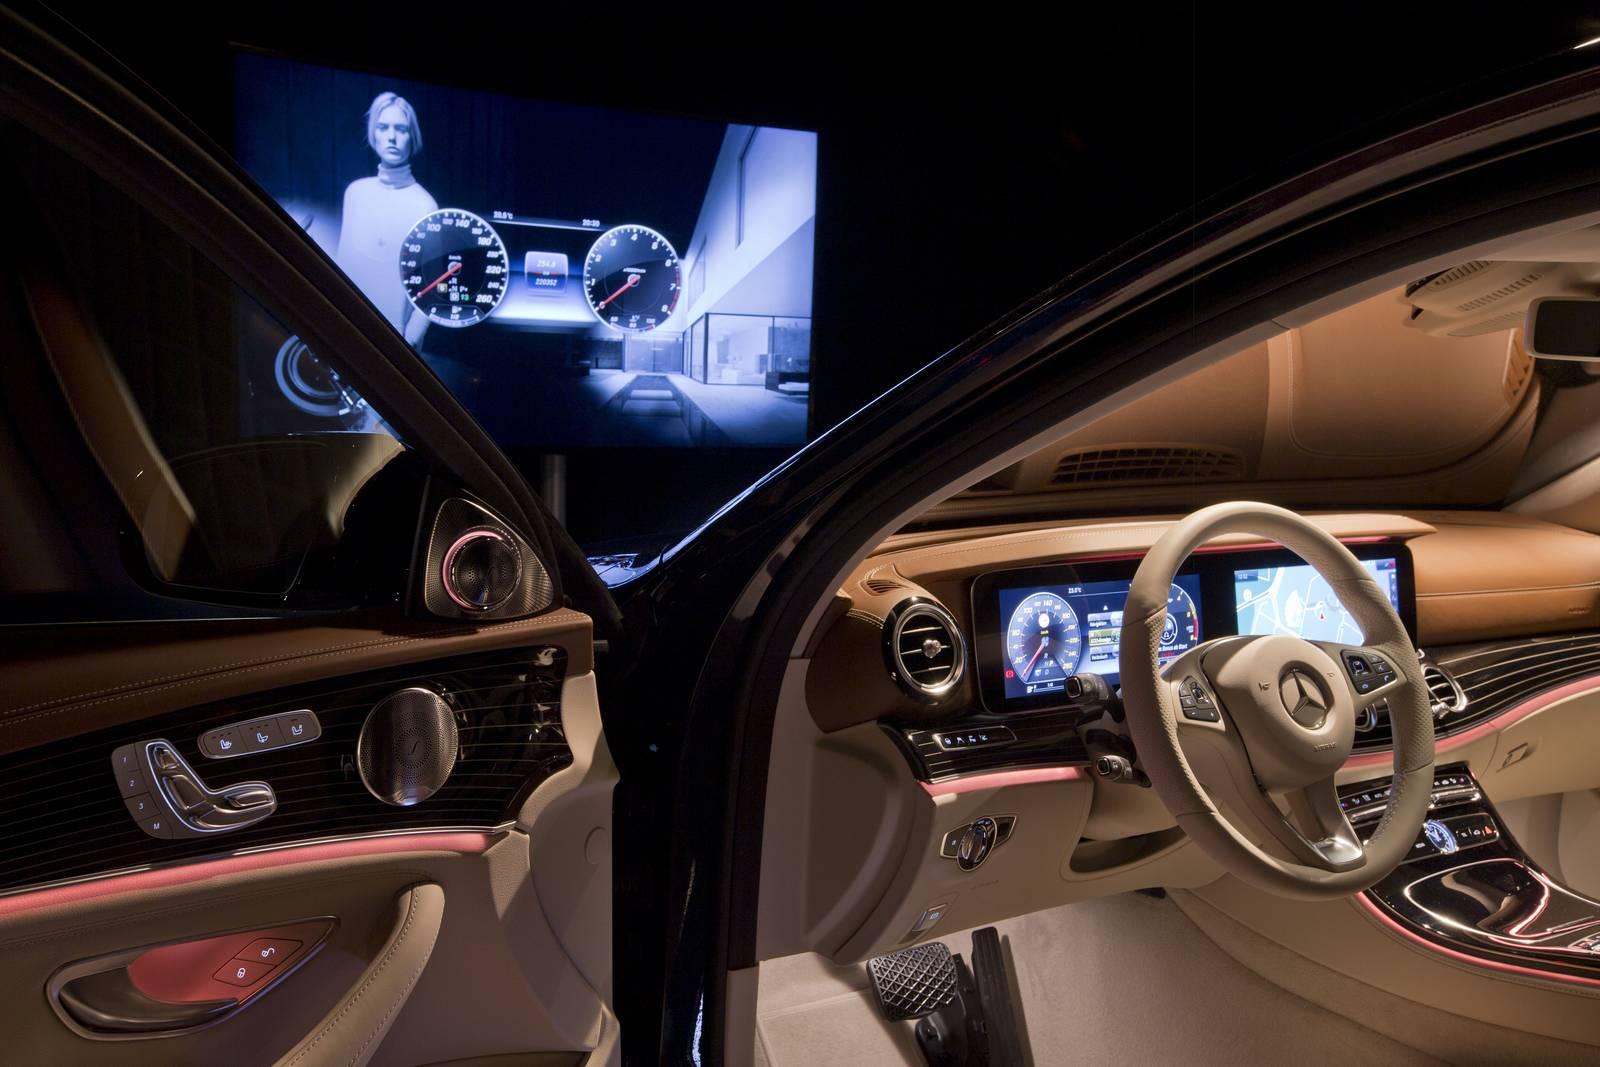 2017 Mercedes Benz E Class Exterior Design Revealed Gtspirit